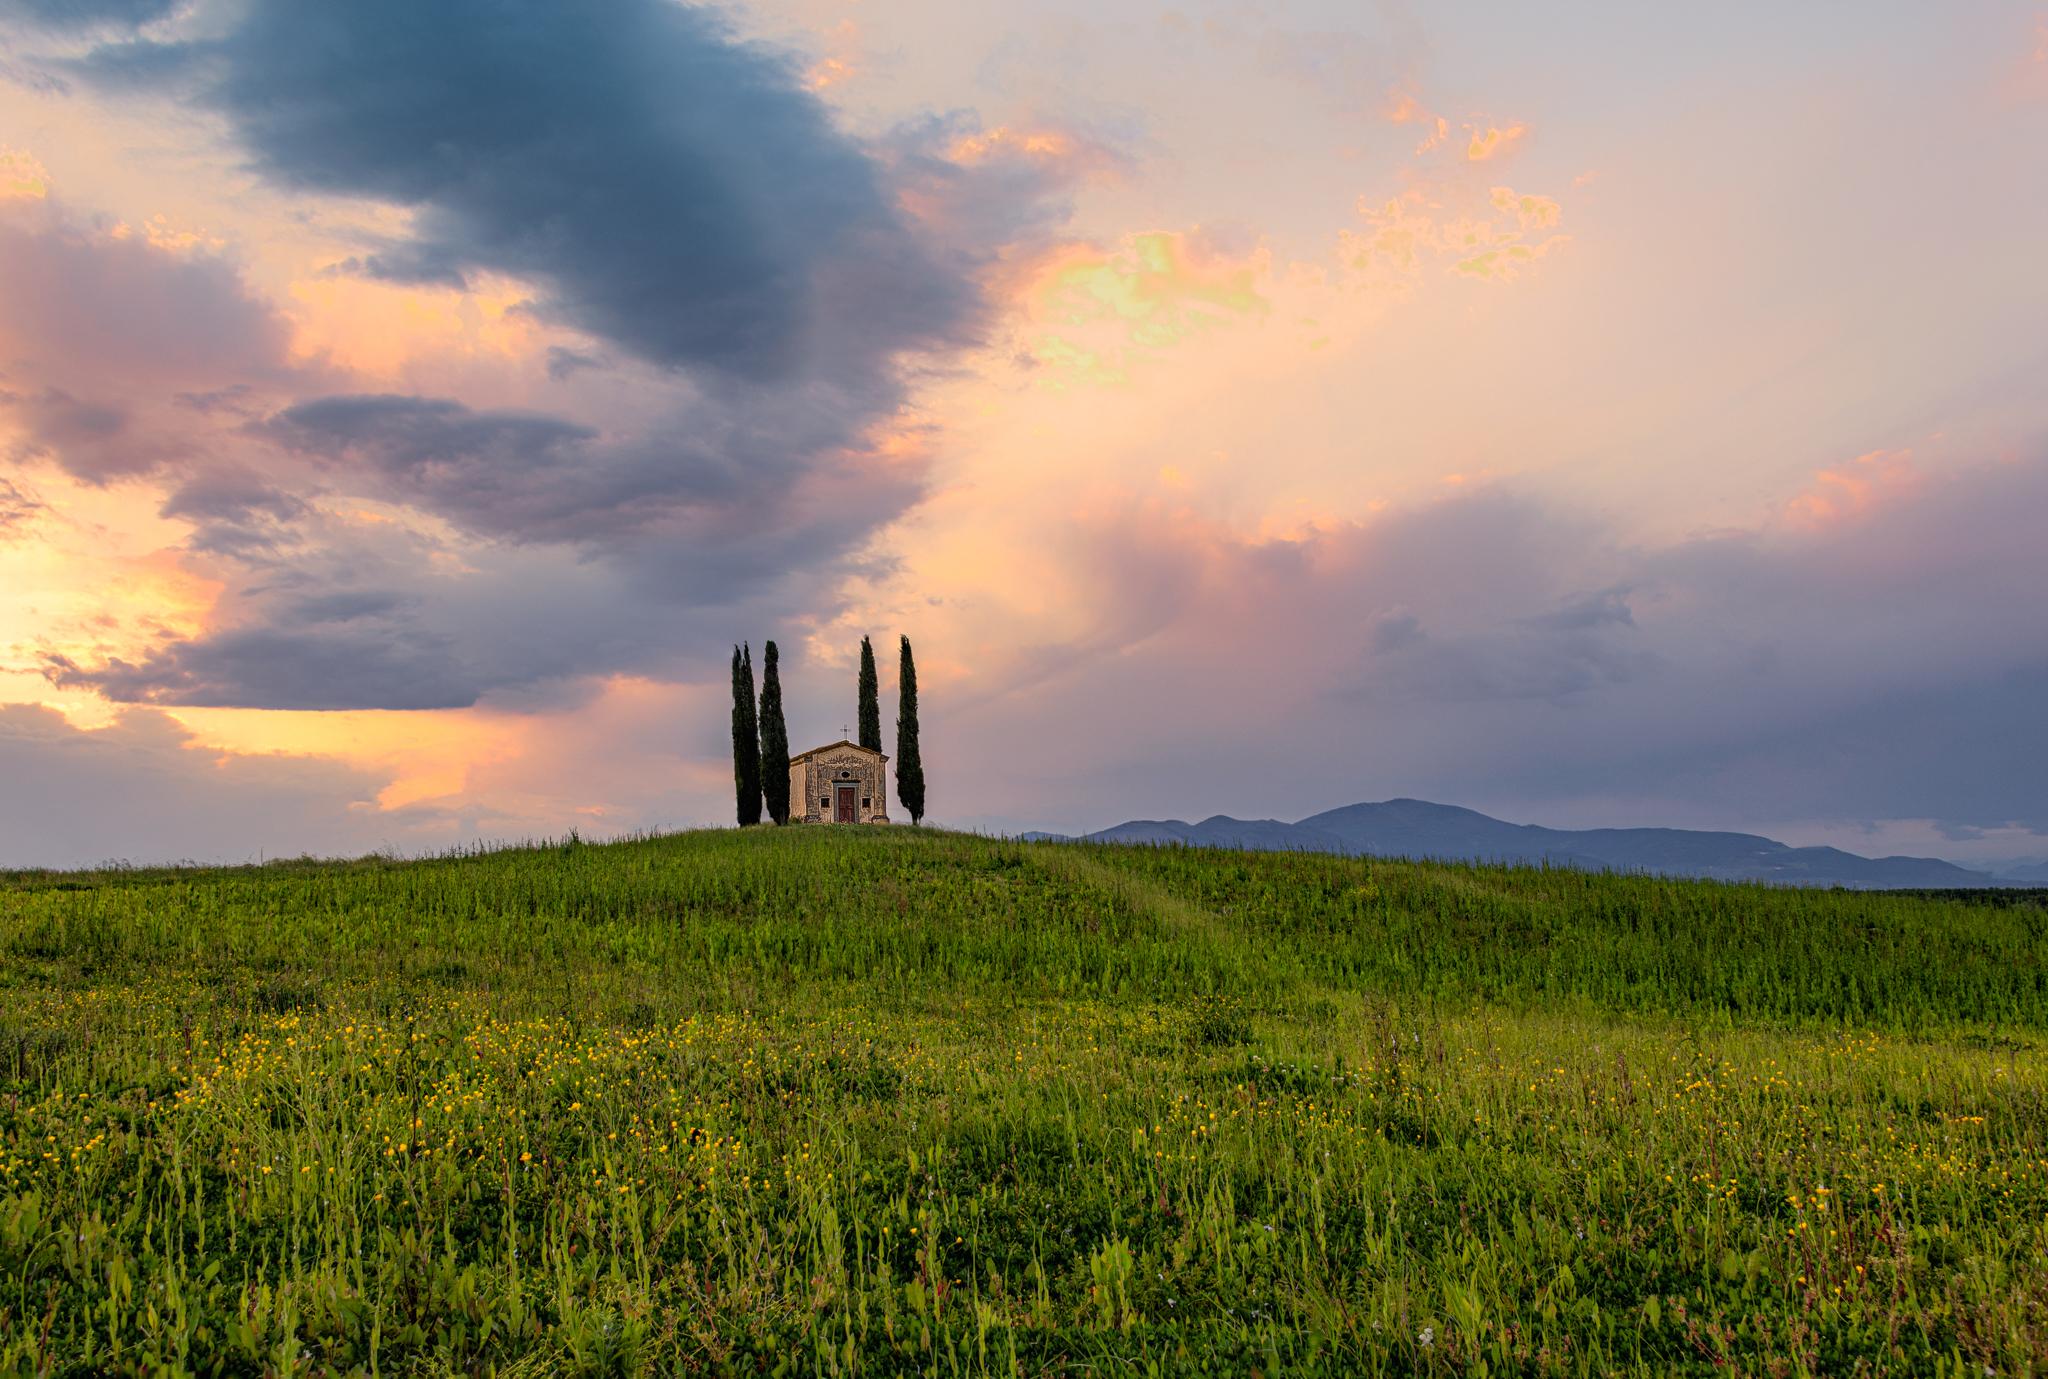 Chiesetta di San Pierino, Italy